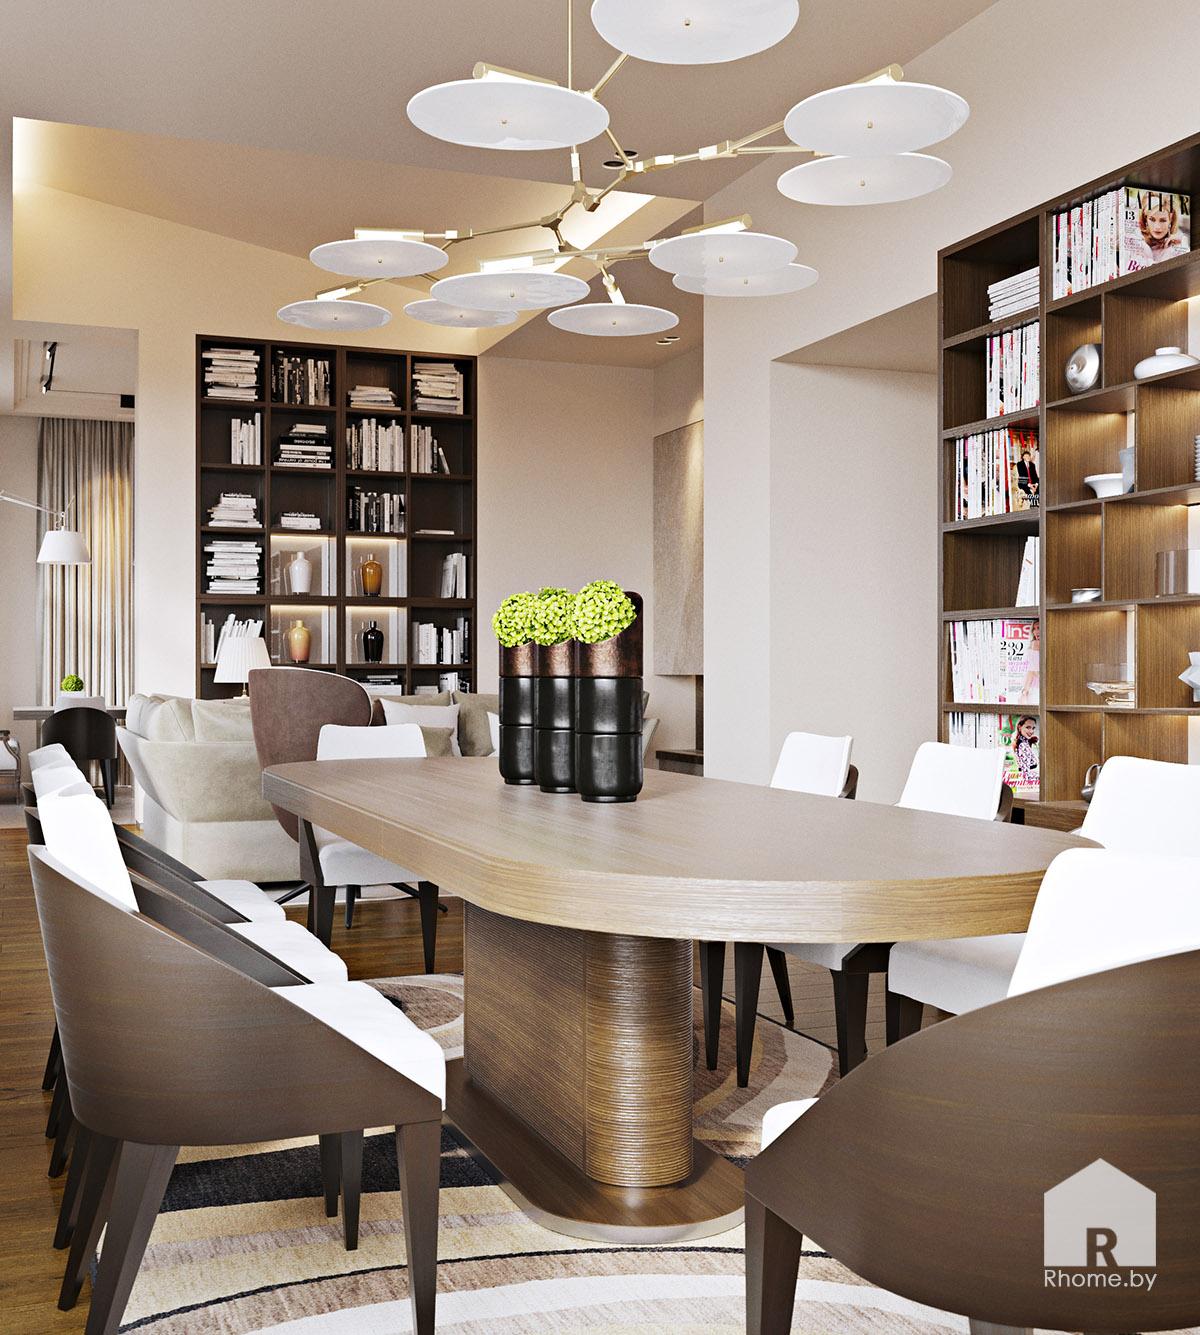 Дизайн интерьера столовой комнаты в Березовой роще | Дизайн студия – Rhome.by